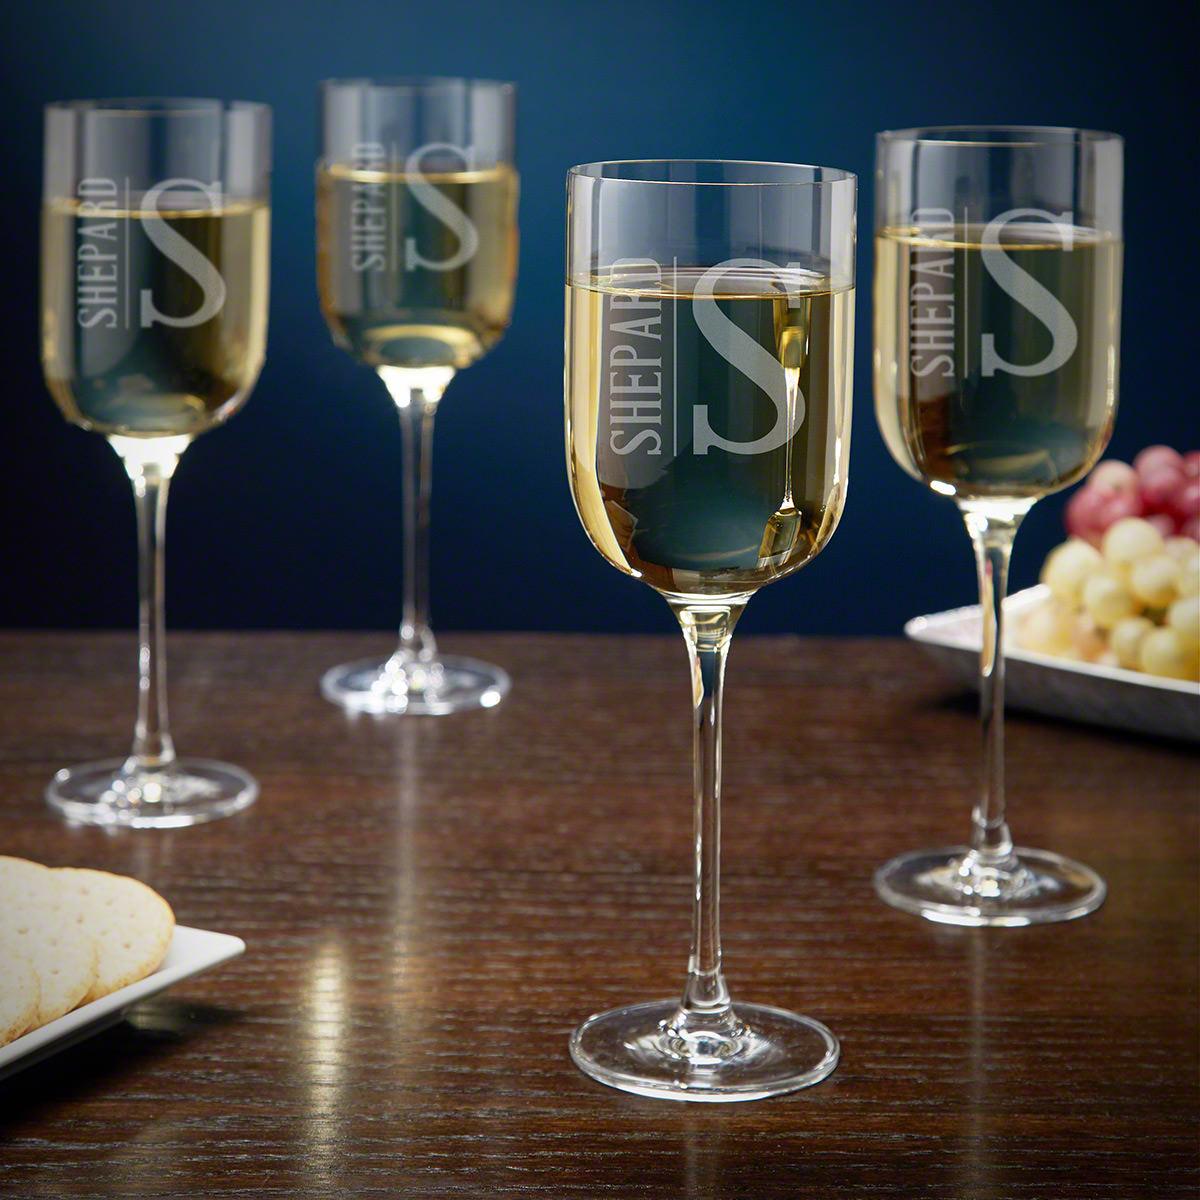 Elton-Engraved-Tall-Wine-Glasses-for-White-Wine